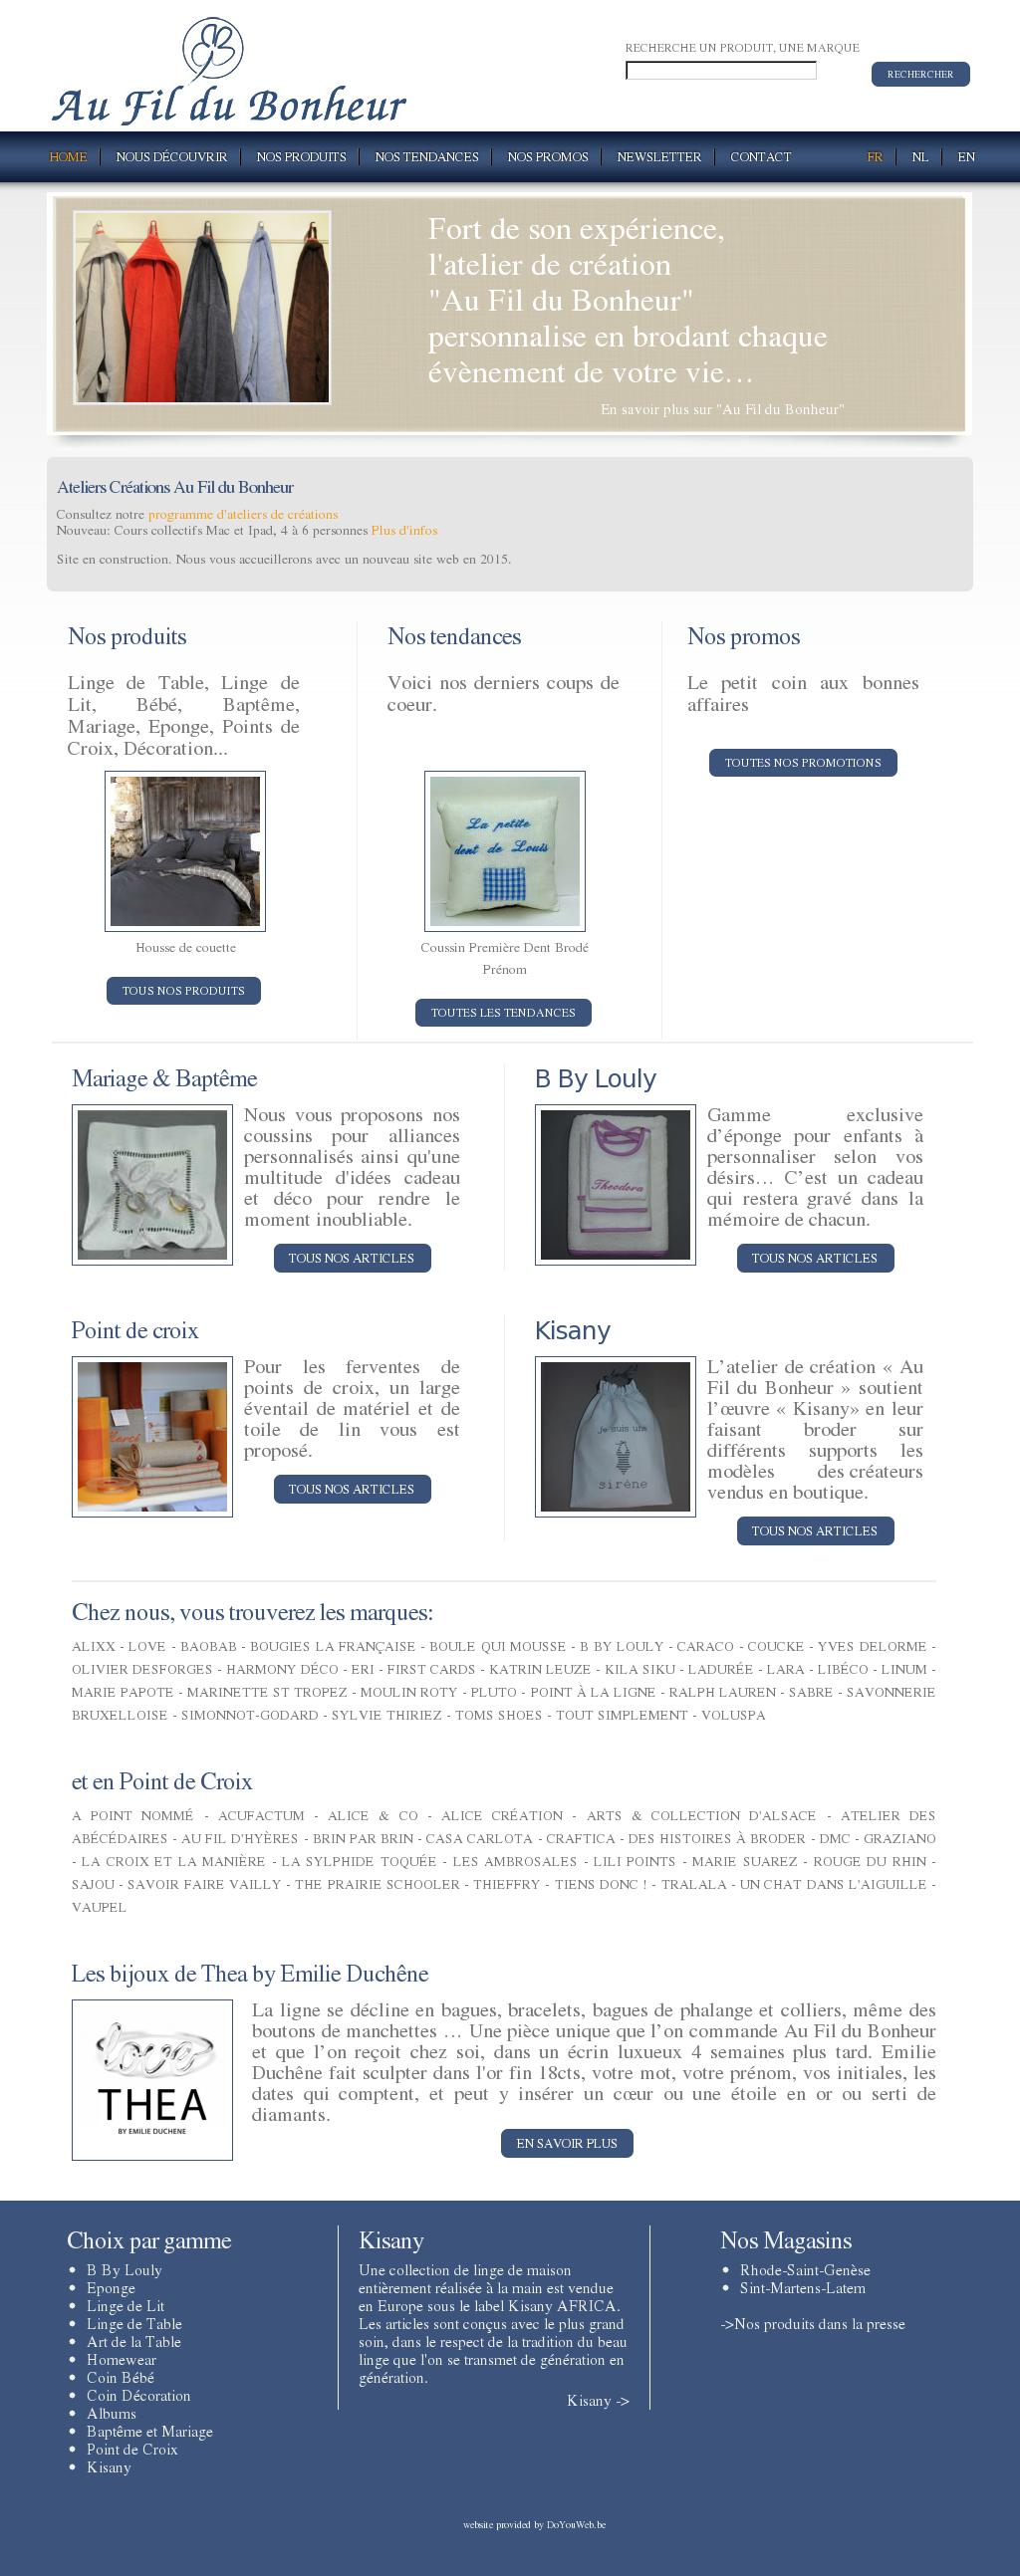 L Art Du Point De Croix au fil du bonheur competitors, revenue and employees - owler